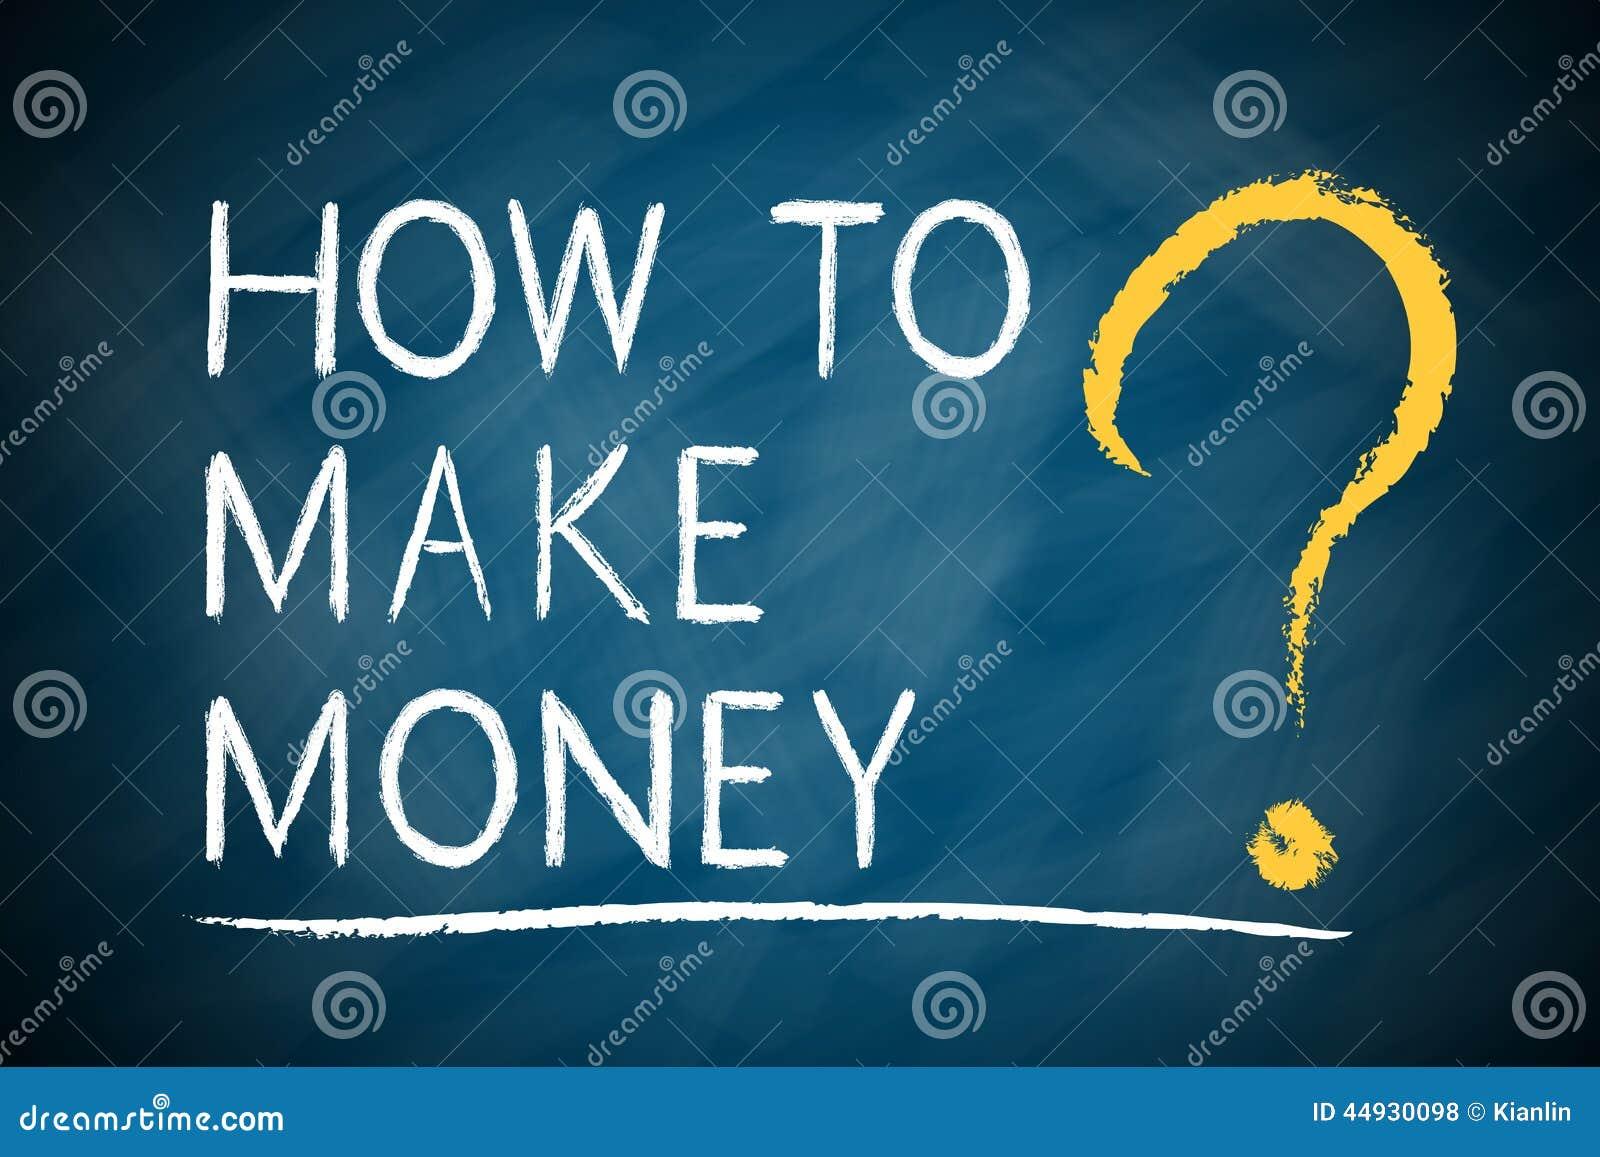 Πώς να κάνει τα χρήματα;